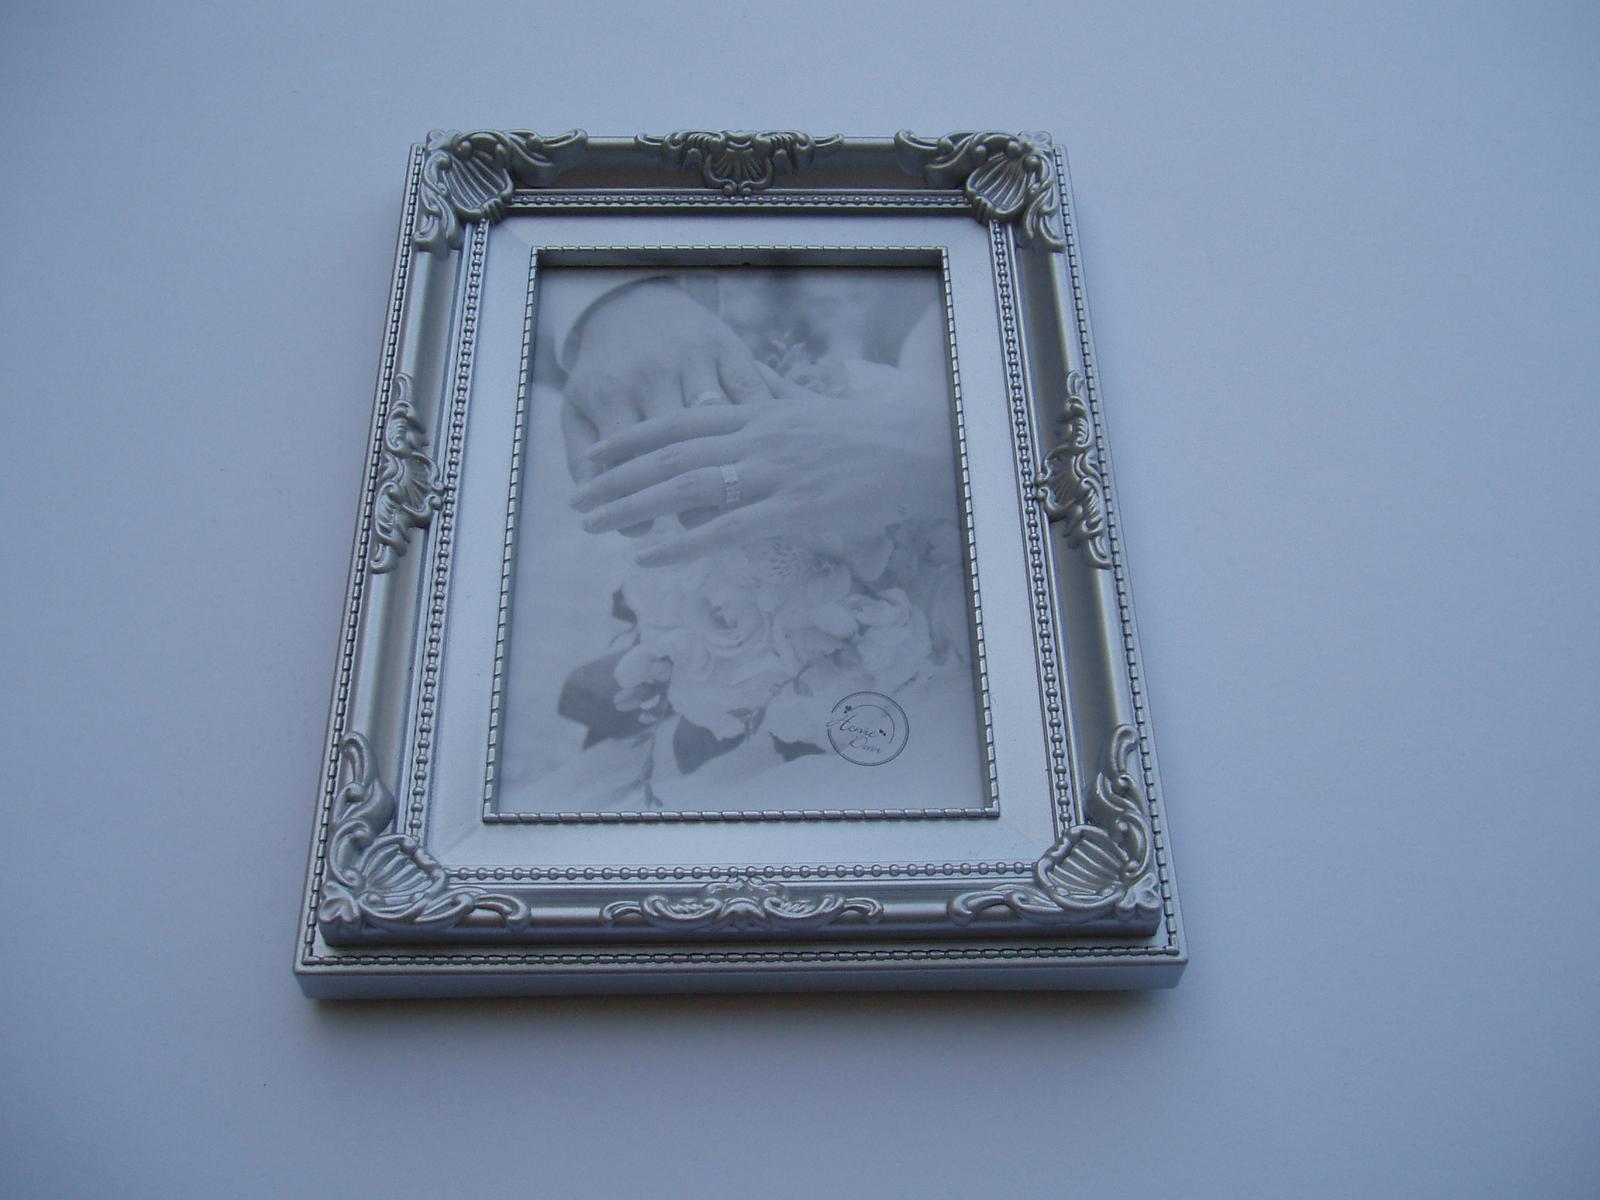 ozdobný rámeček - Obrázek č. 1